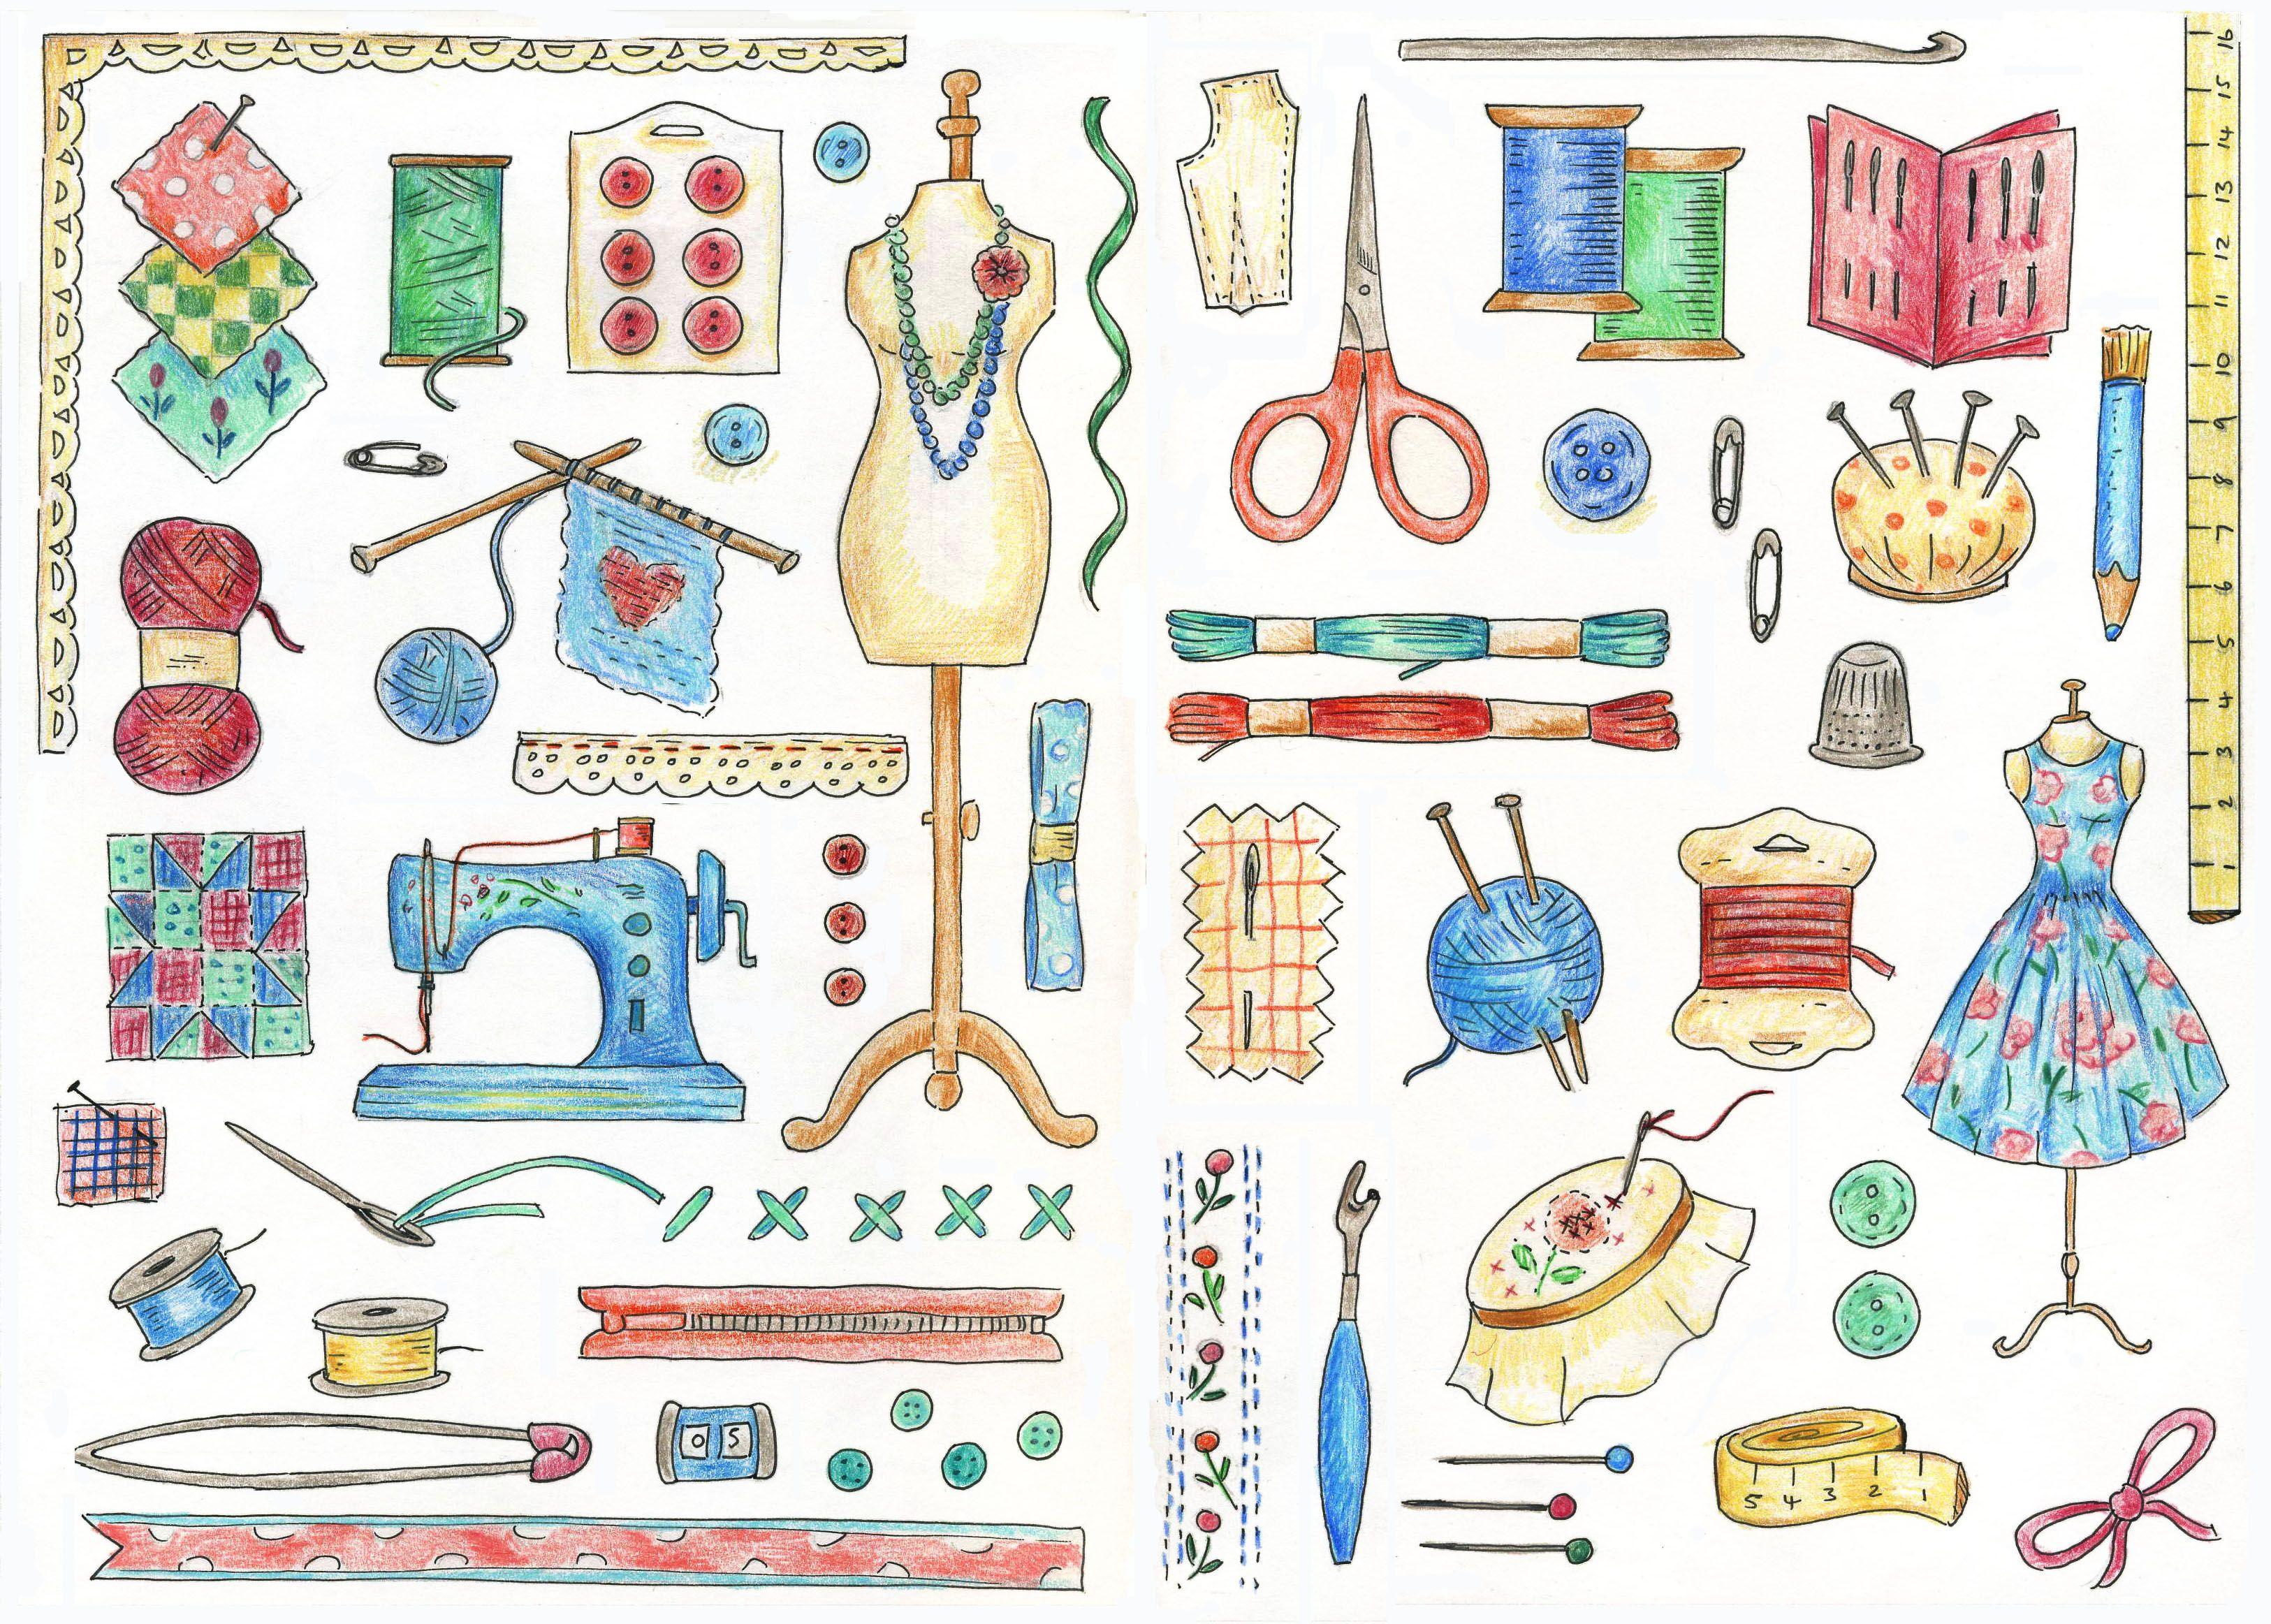 Sewing motifs sketch for a cross stitch design in my 'Cross Stitch